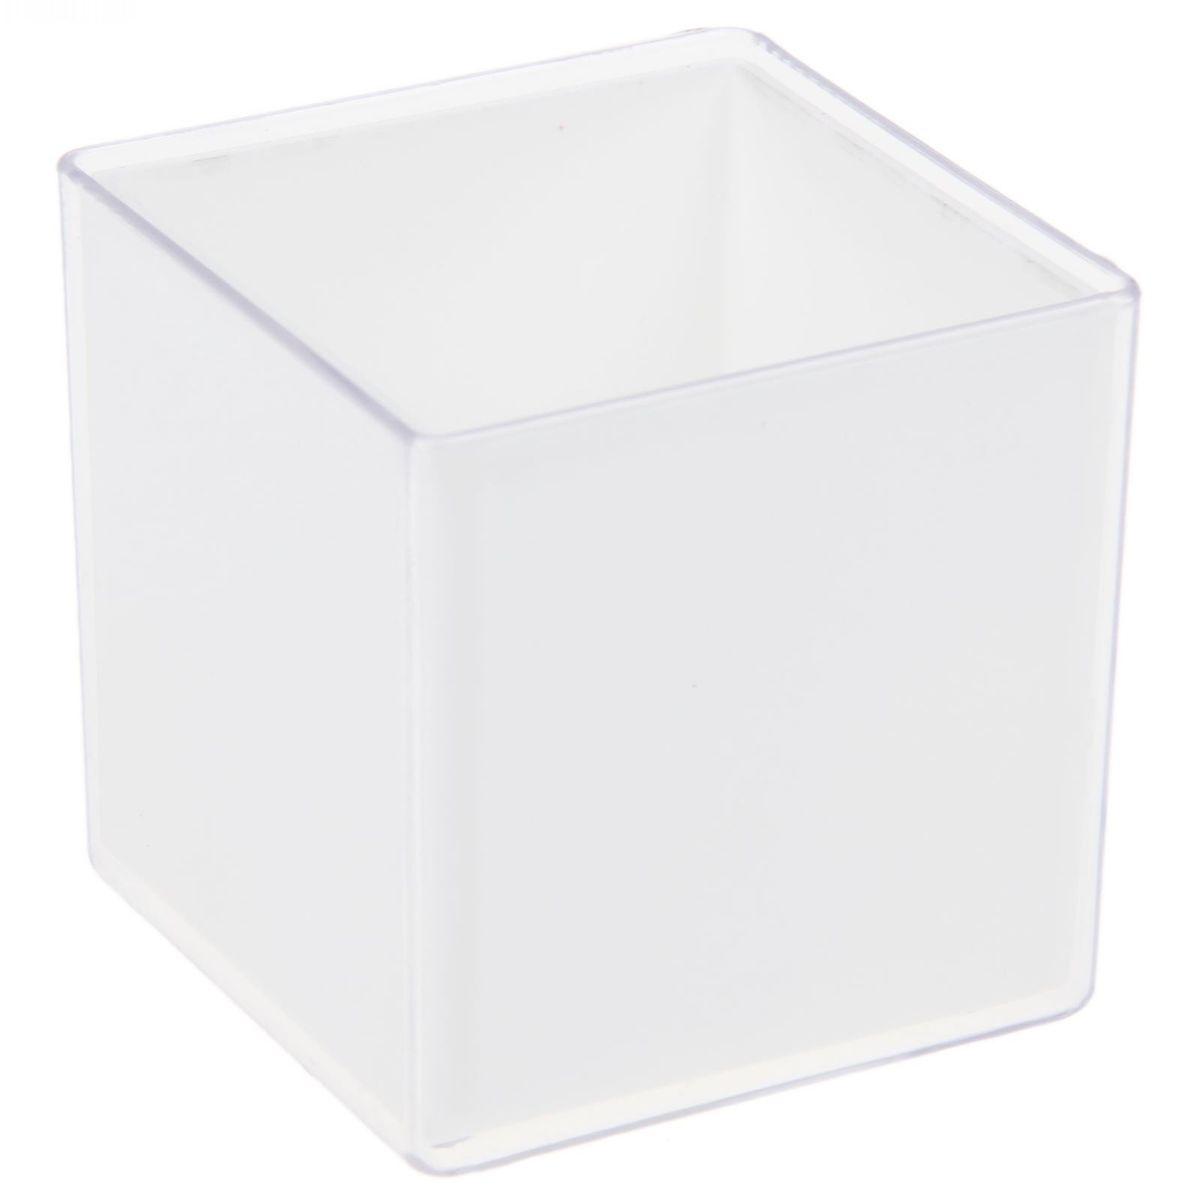 Кашпо JetPlast Мини куб, на магните, цвет: прозрачный, 6 x 6 x 6 см4612754050468Кашпо предназначено для украшения любого интерьера. Благодаря магнитной ленте, входящей в комплект, вы можете разместить его не только на подоконнике, столе или иной поверхности, а также на холодильнике и любой другой металлической поверхности, дополняя привычные вещи новыми дизайнерскими решениями.